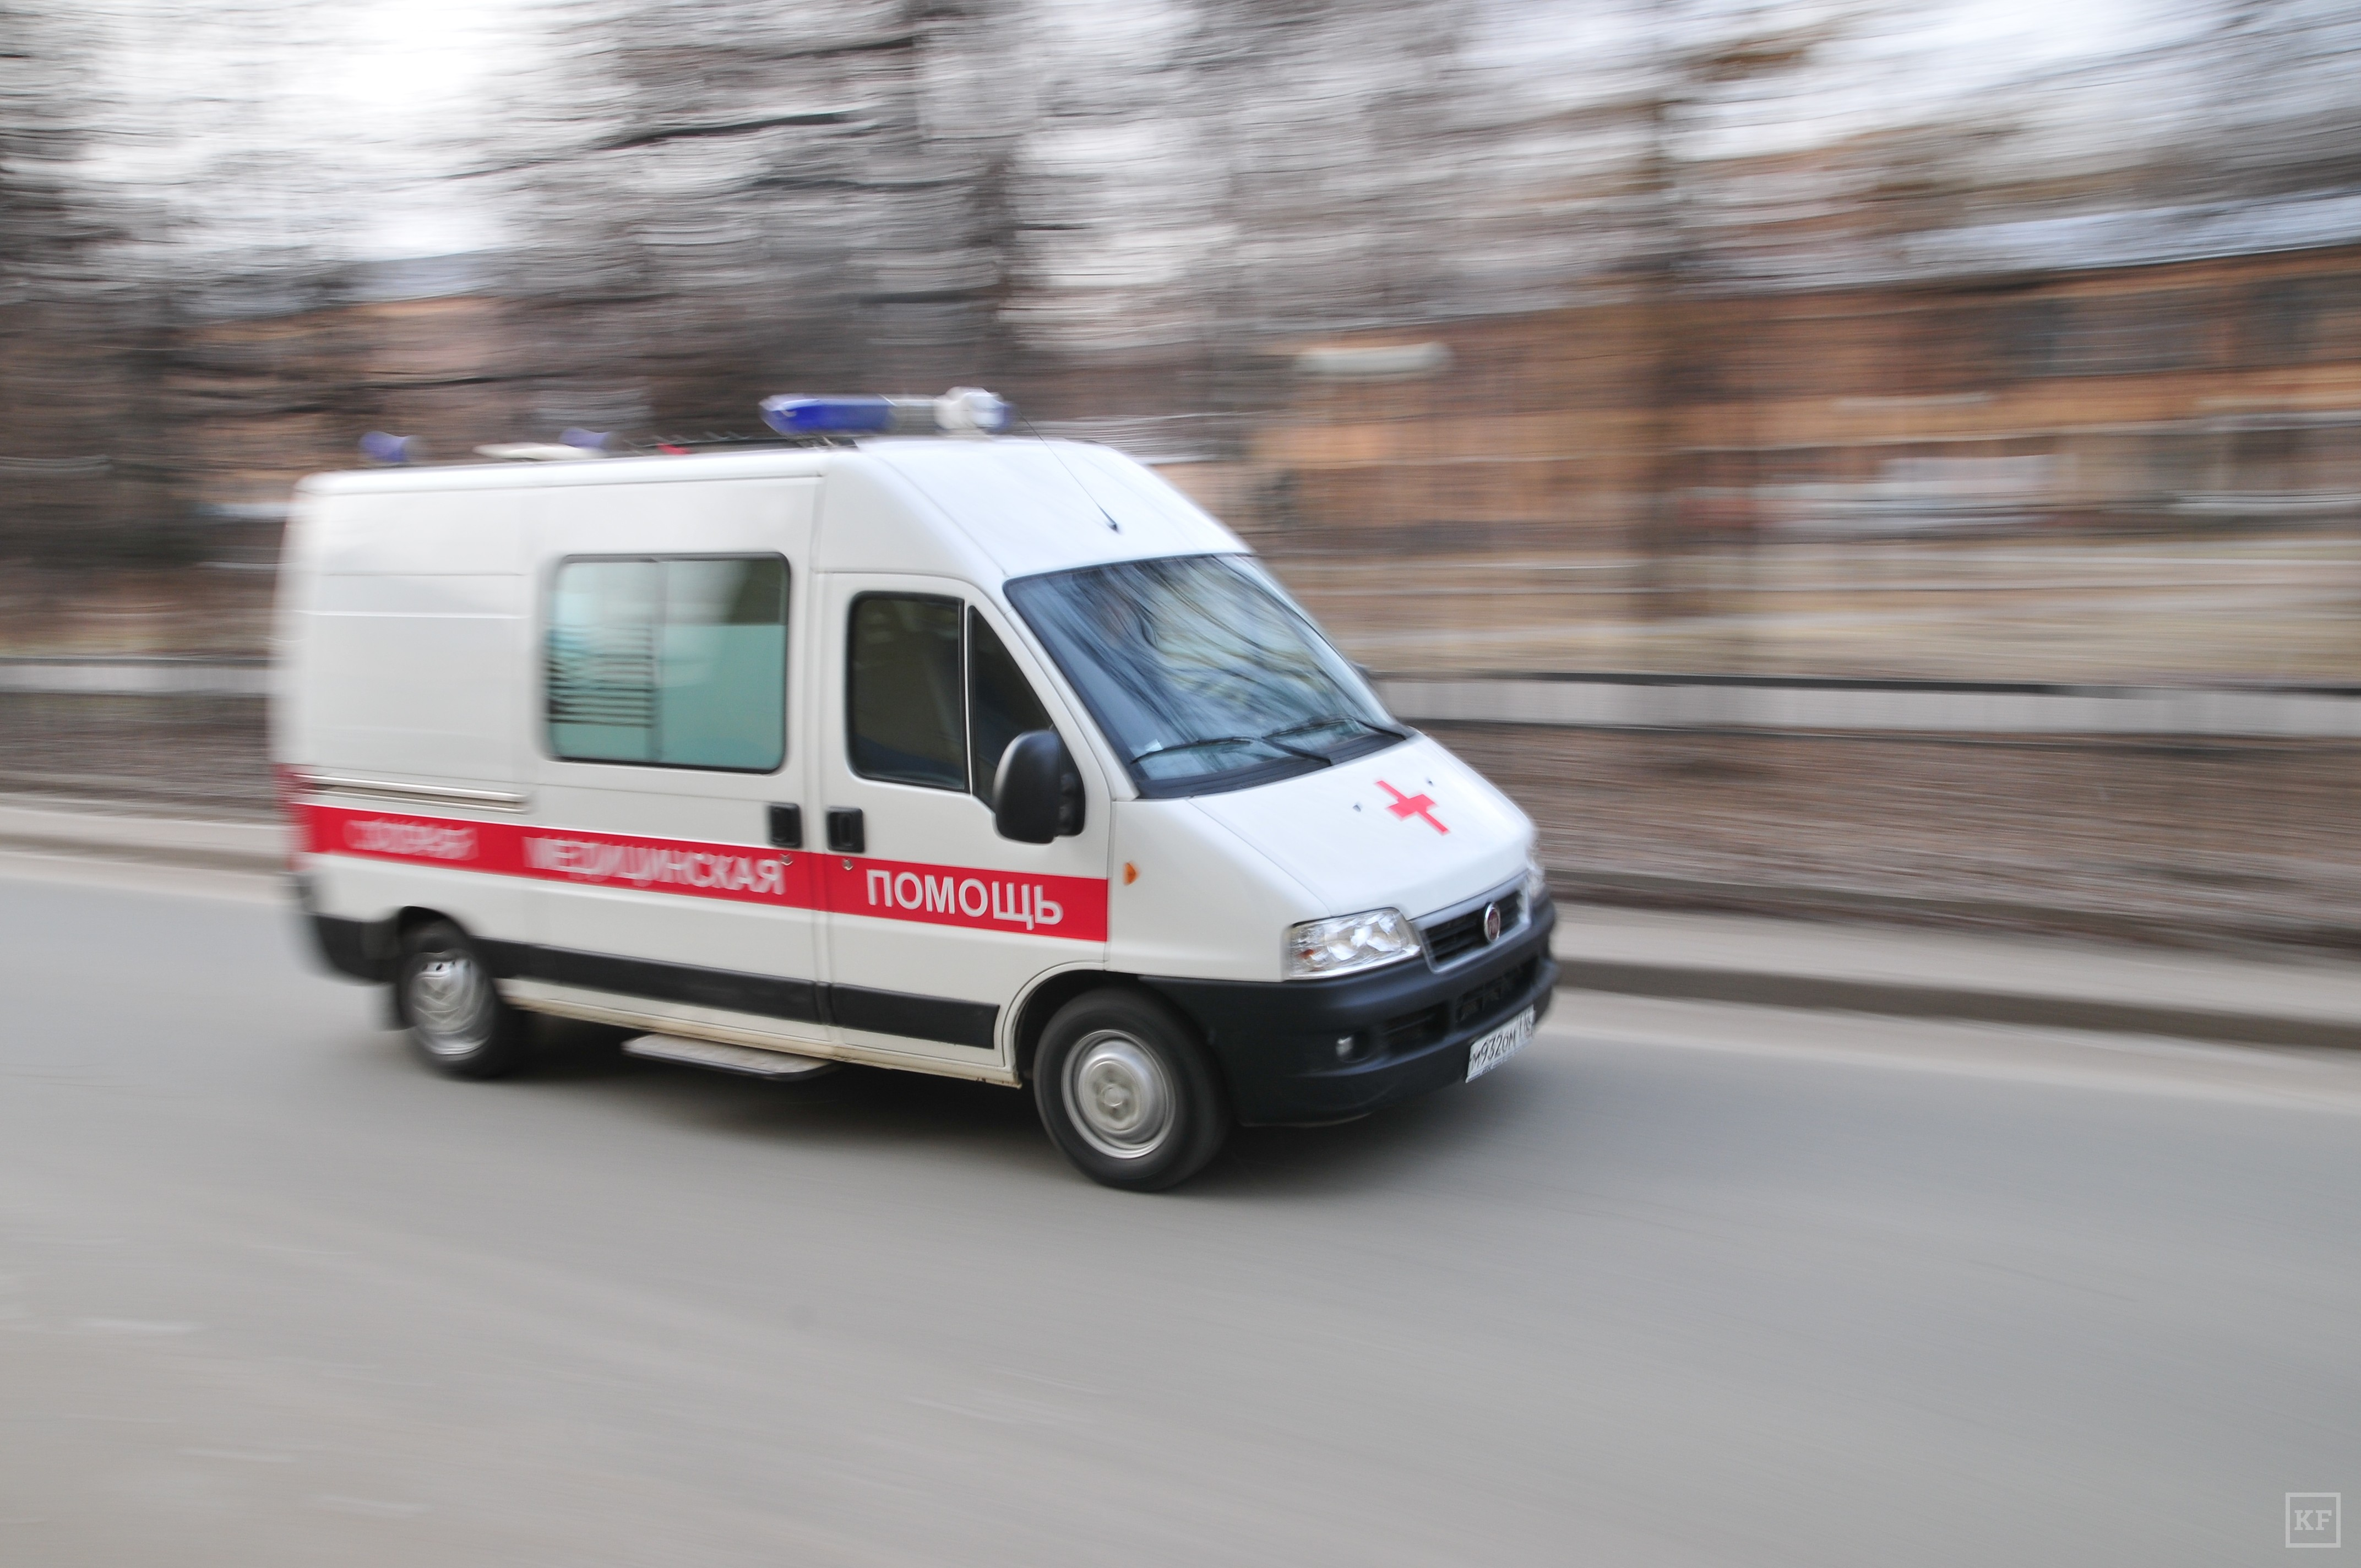 Уголовное дело возбуждено по факту ДТП в Улетах со скорой, в котором погибла пациентка